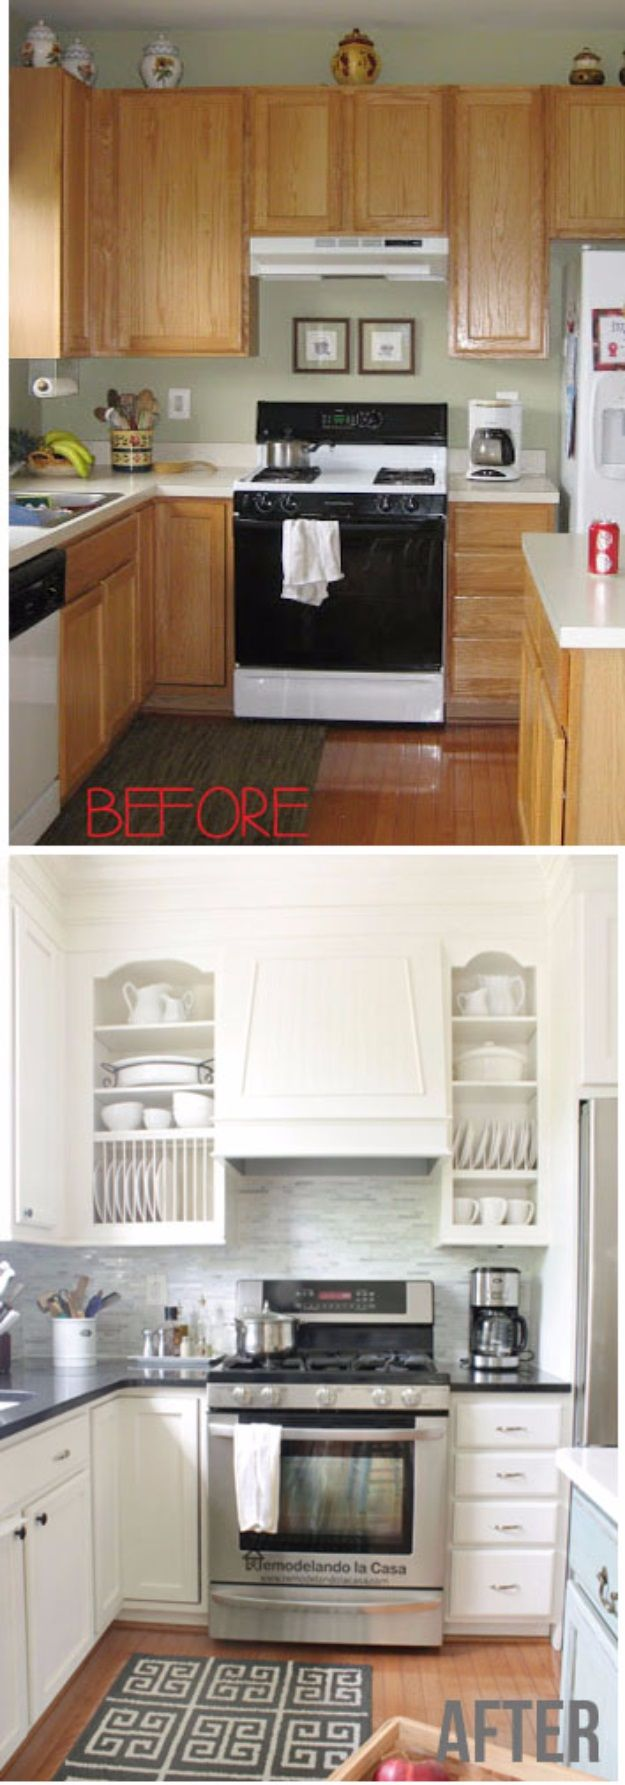 Küchenschrank ideen kleine küchen  einfache diyideen um ihre küche jetzt zu verbessern  küchen